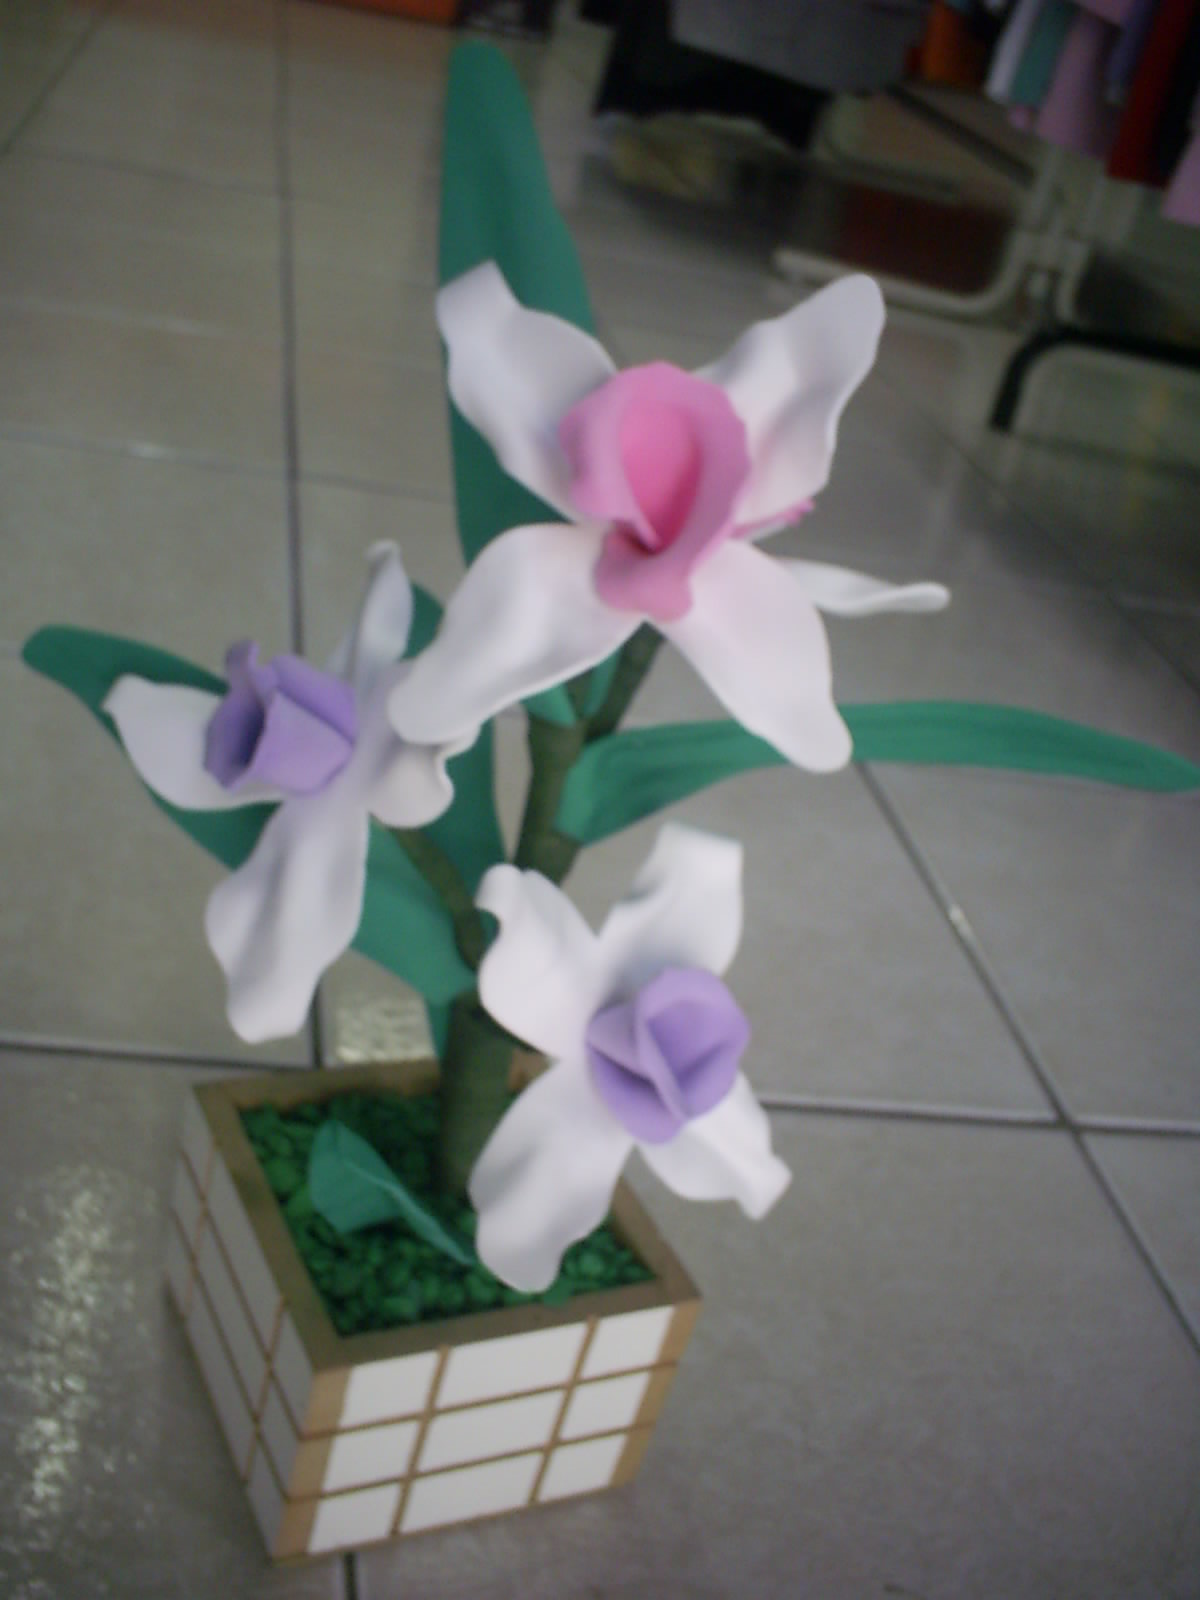 http://2.bp.blogspot.com/_8ae8SFQlJH8/SwWfTJIqYCI/AAAAAAAAAKI/k7CRQ5LfIro/s1600/blog+018.jpg